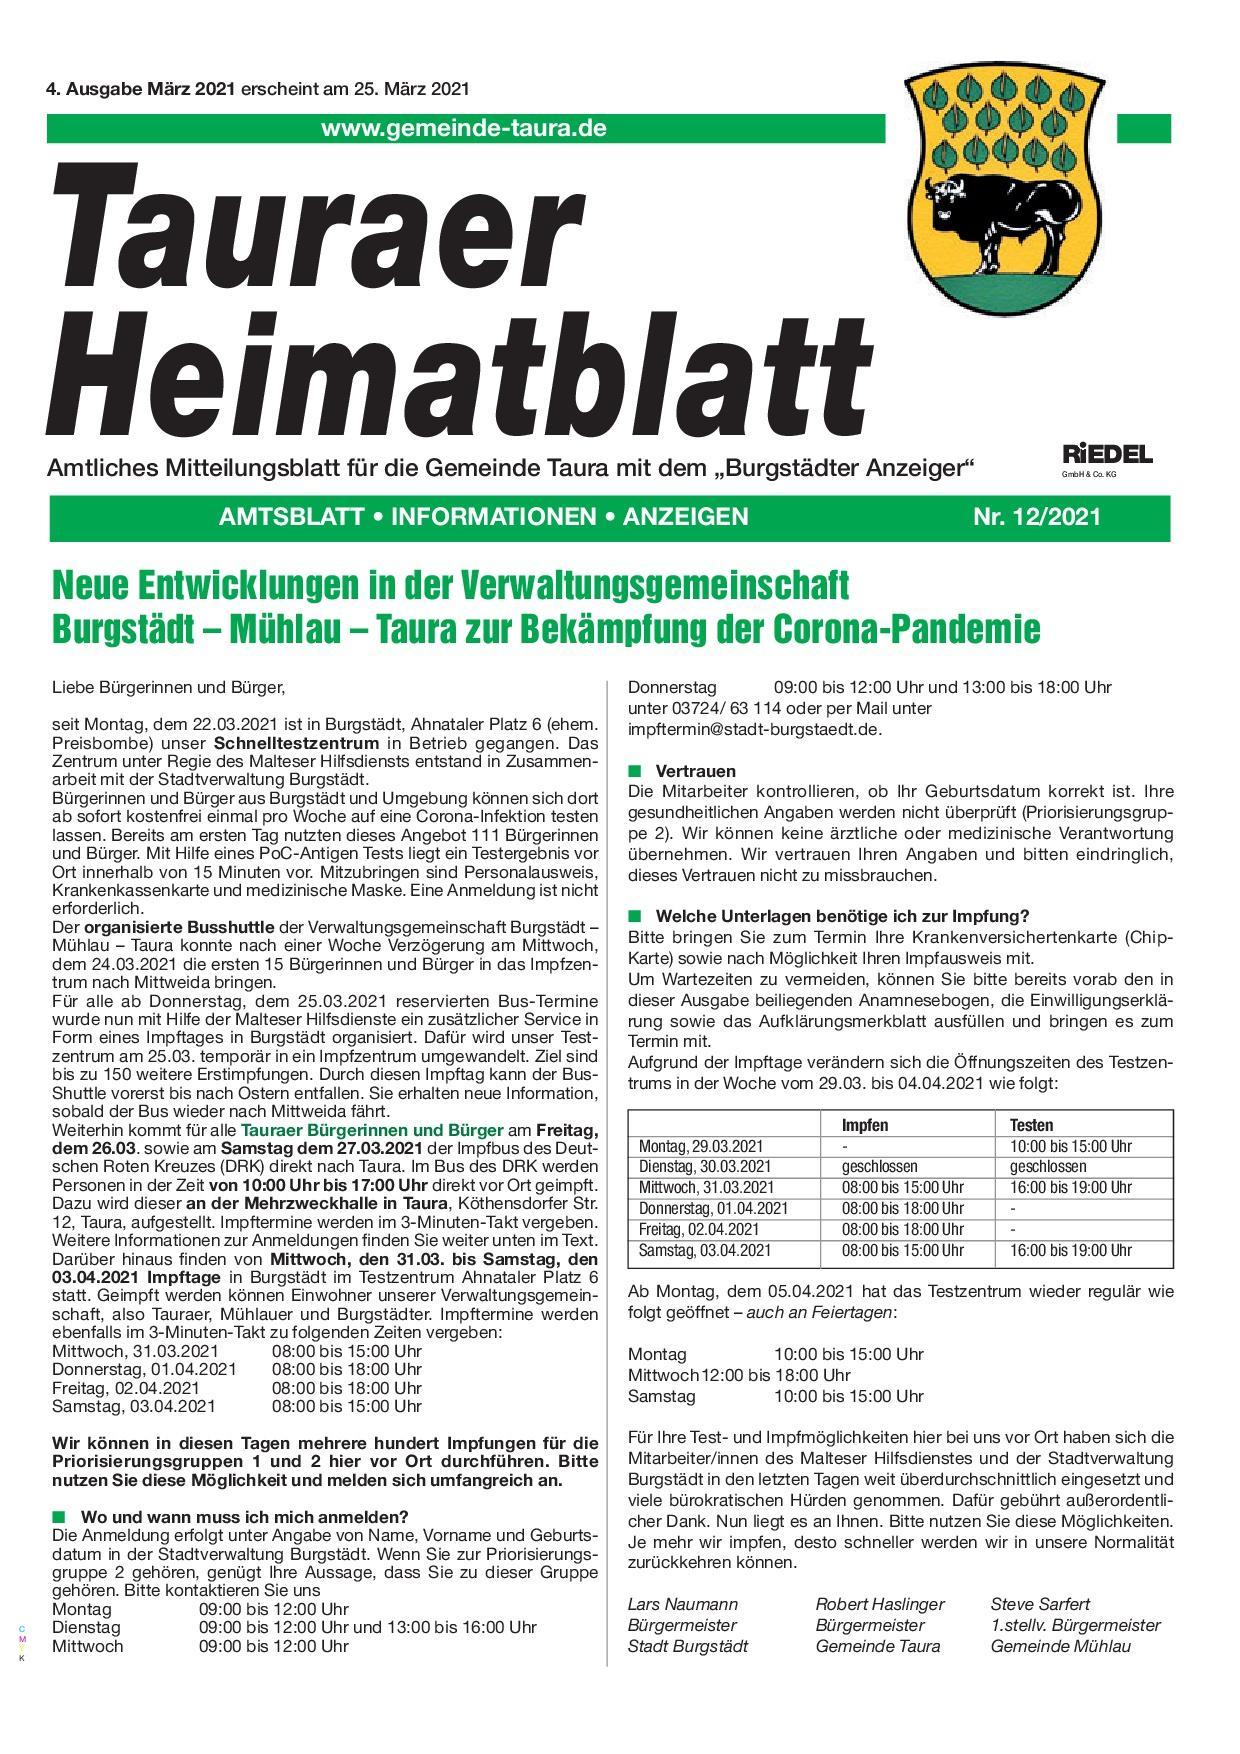 Tauraer Heimatblatt 12/2021